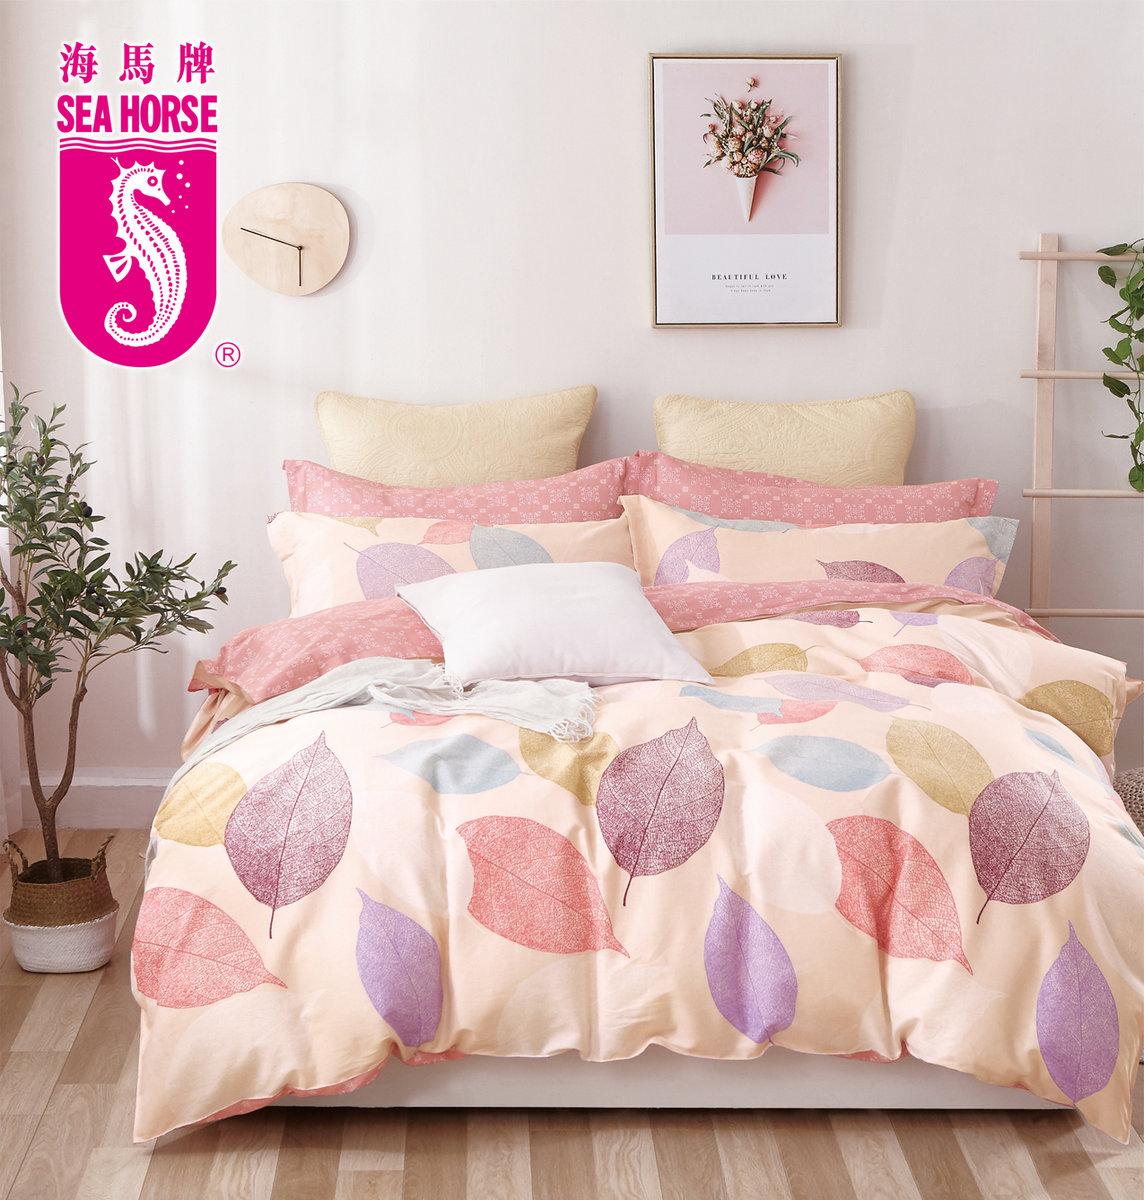 Bedding Set (Double)